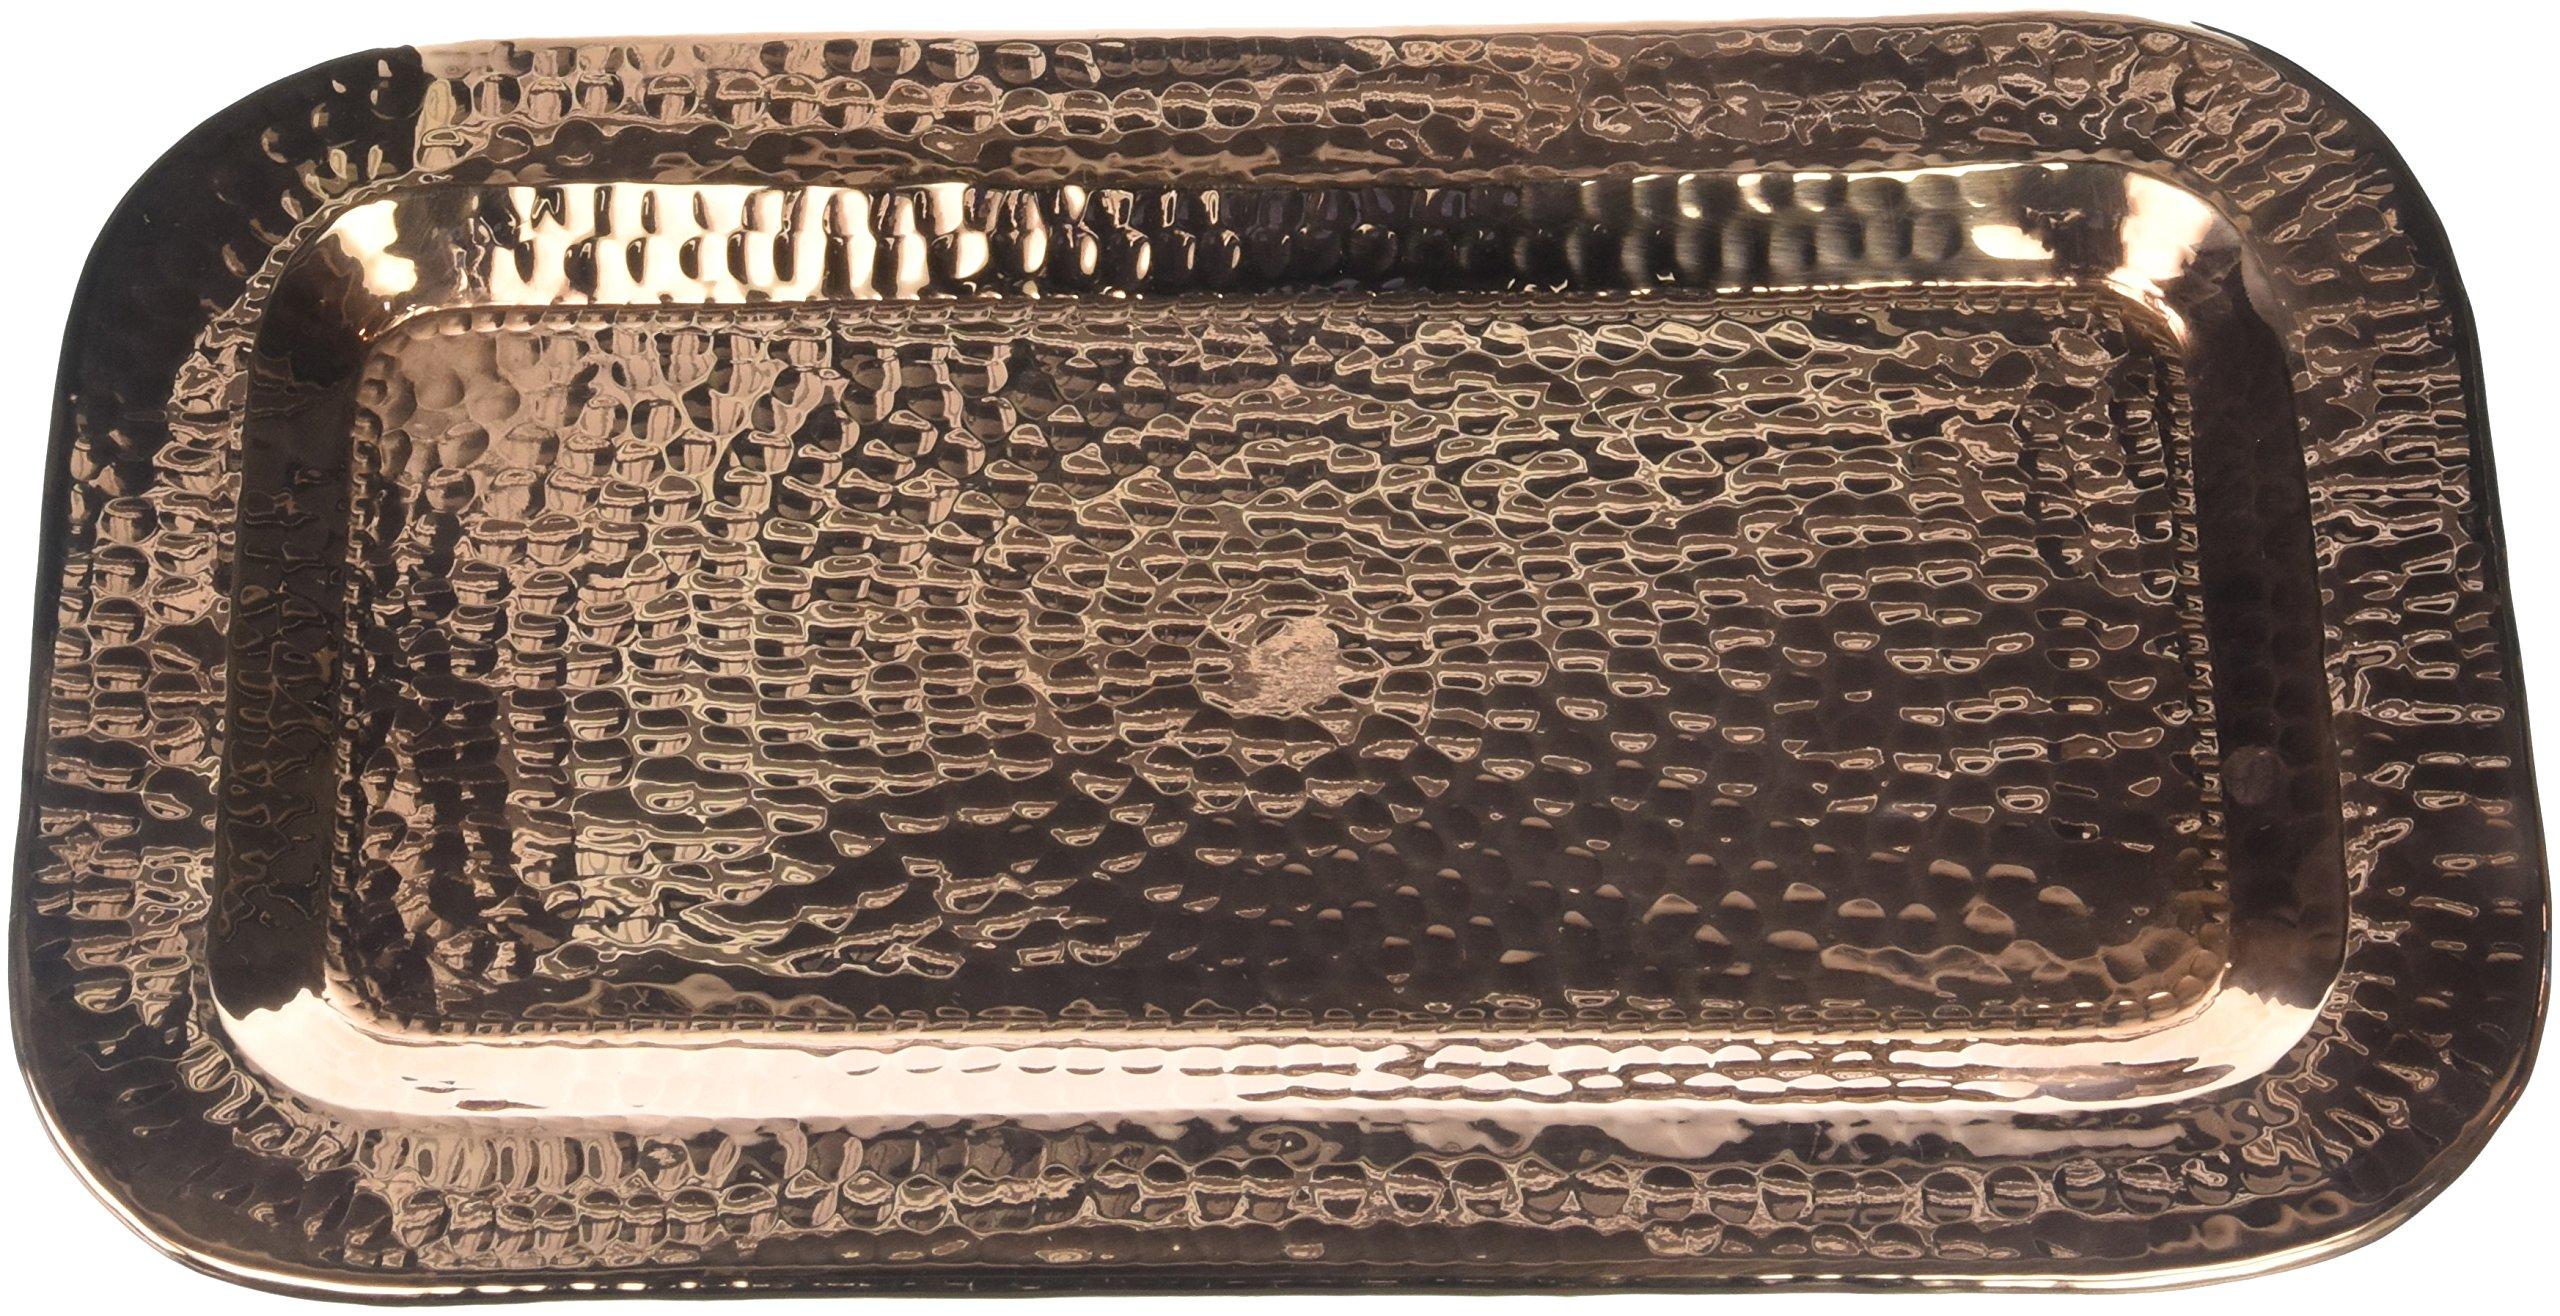 Sertodo Copper, Charolita Tray, Hand Hammered 100% Pure Copper